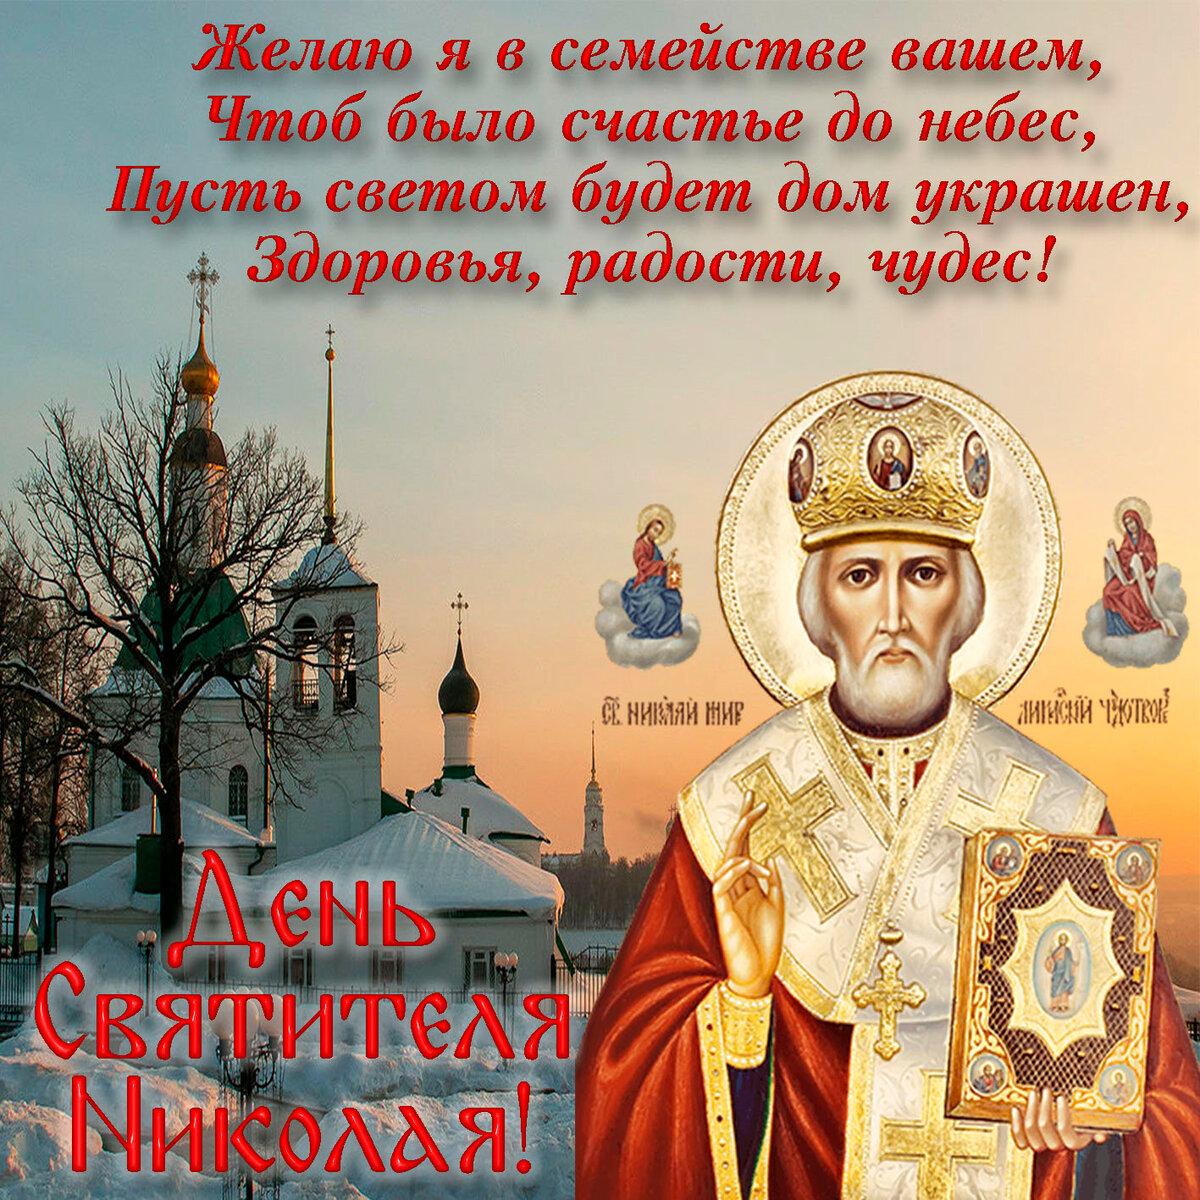 Картинки с поздравлениями святого николая 19 декабря